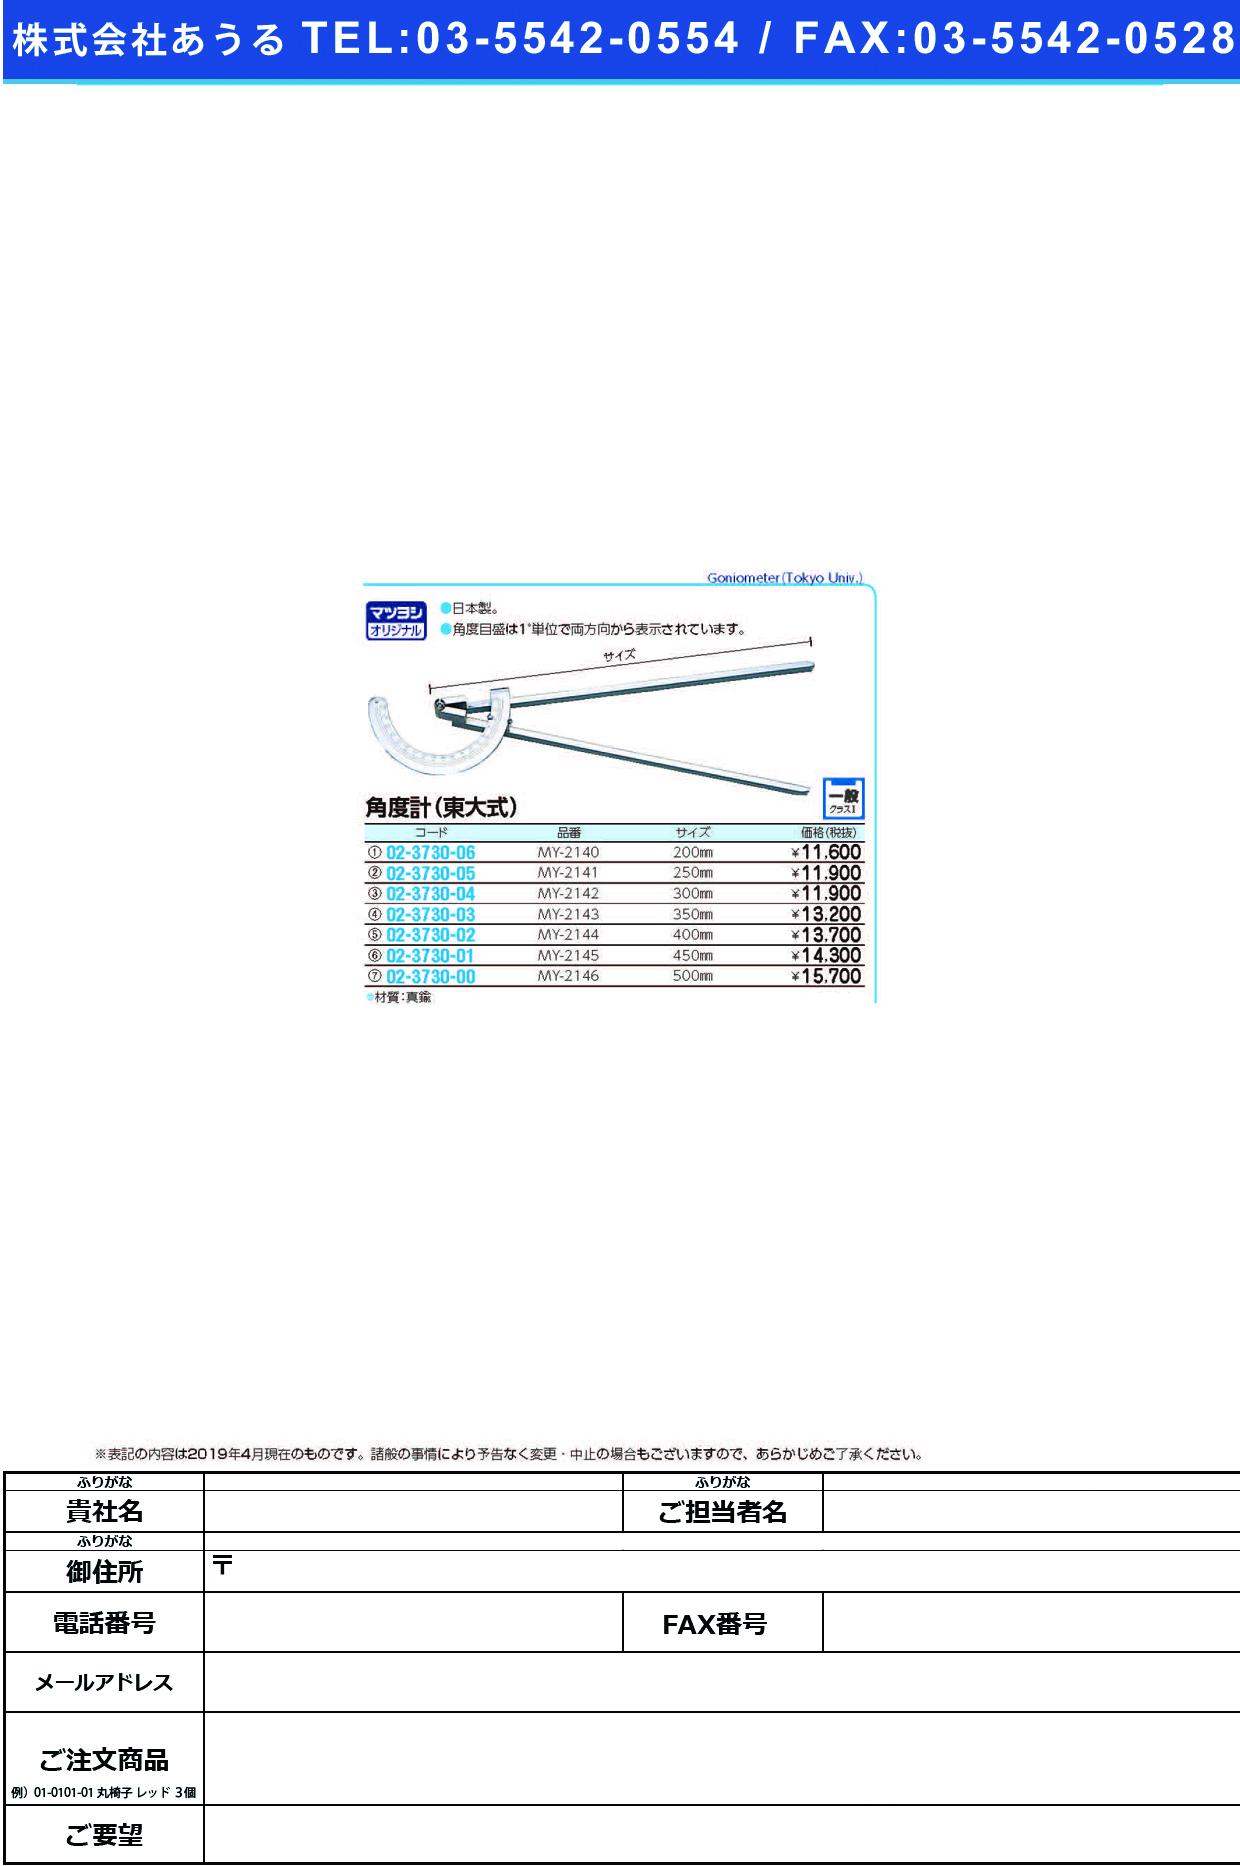 (02-3730-01)角度計(東大式) 450MM カクドケイ【1個単位】【2019年カタログ商品】